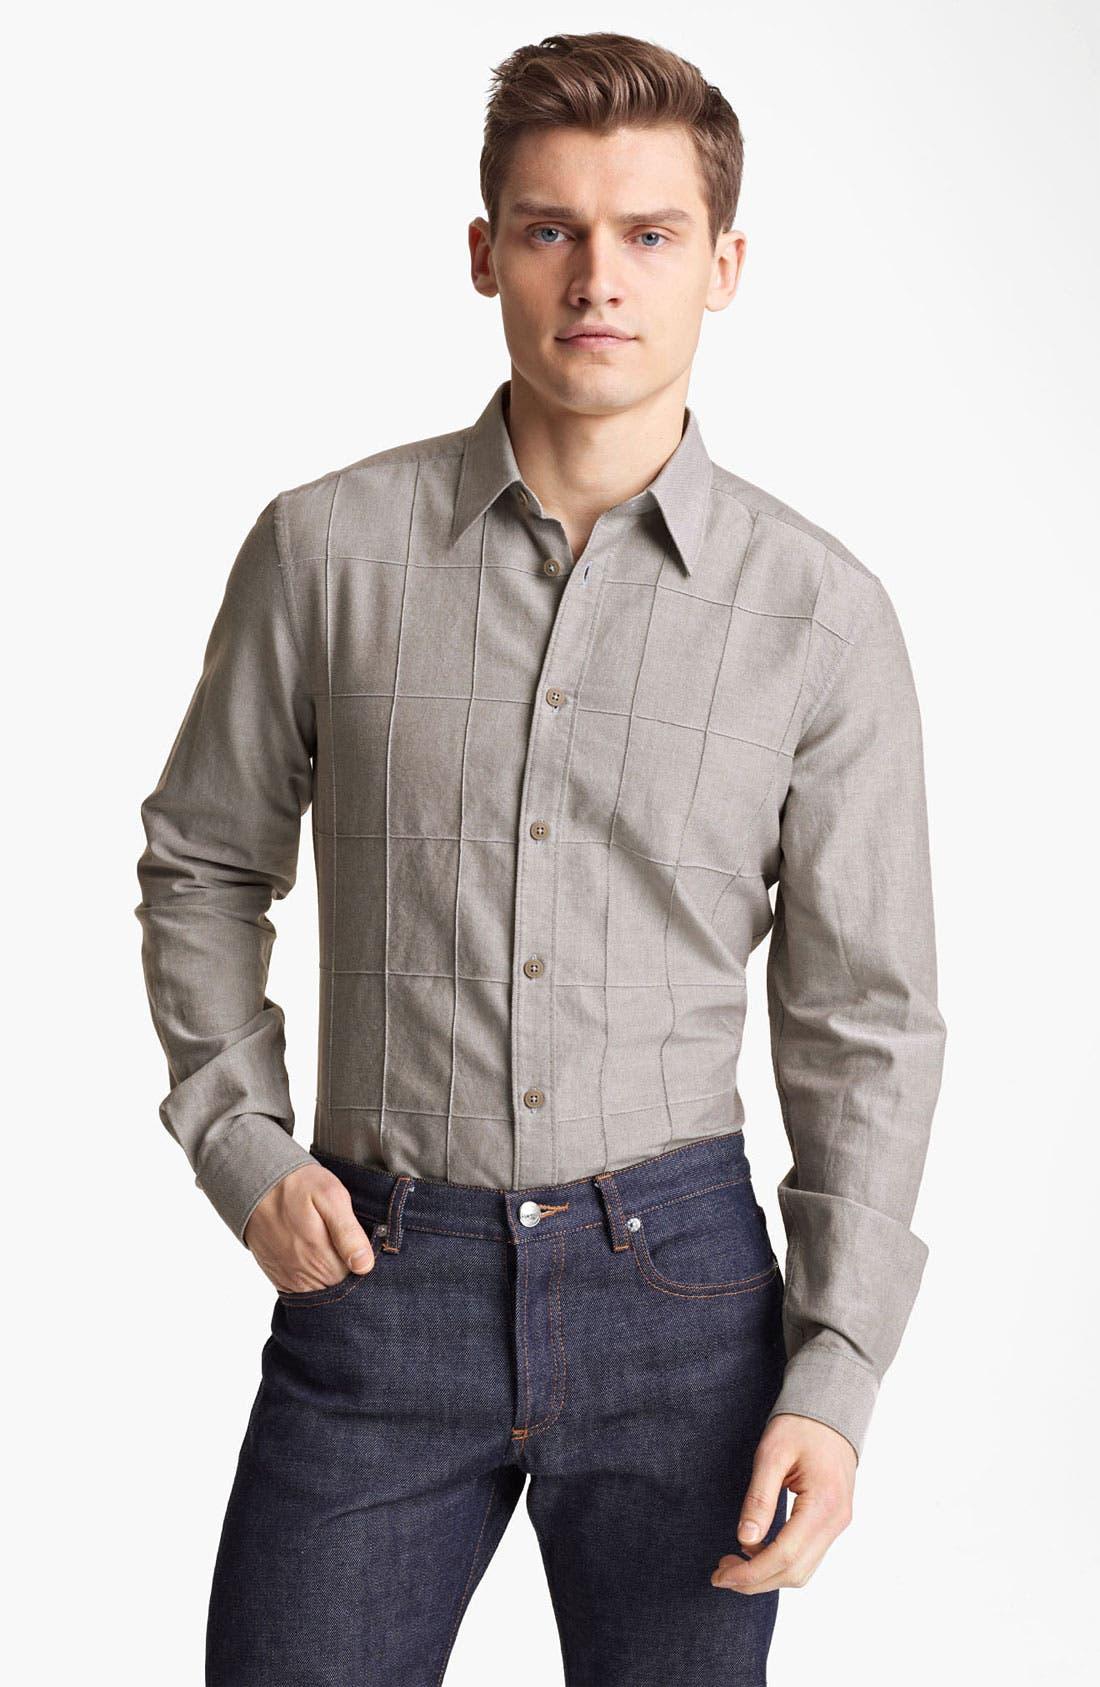 Alternate Image 1 Selected - Z Zegna Slim Fit Sport Shirt